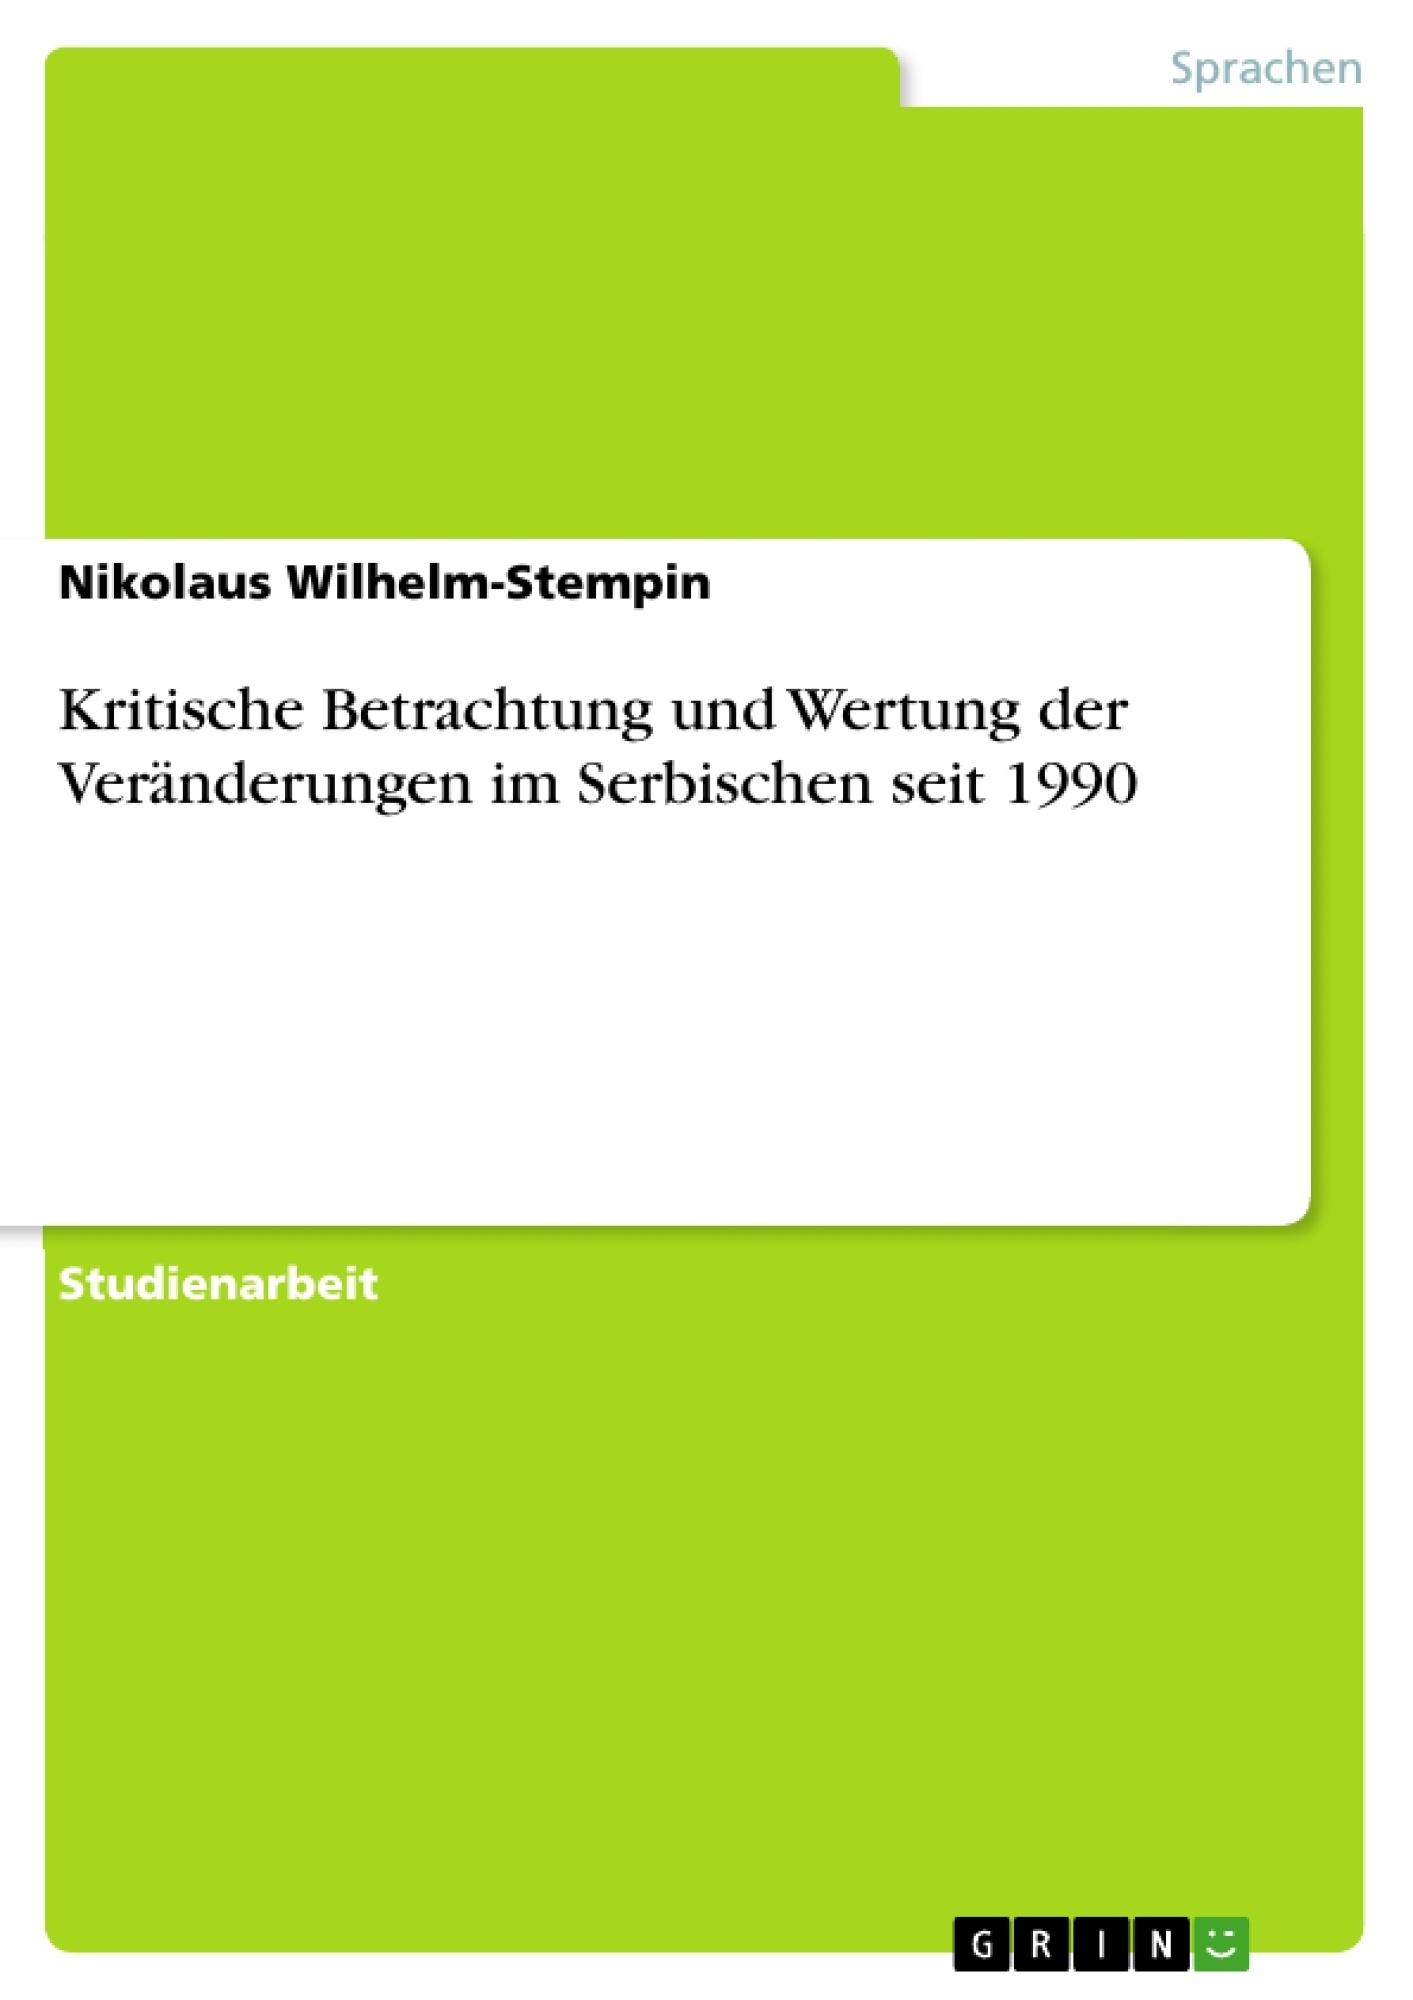 Titel: Kritische Betrachtung und Wertung der Veränderungen im Serbischen seit 1990